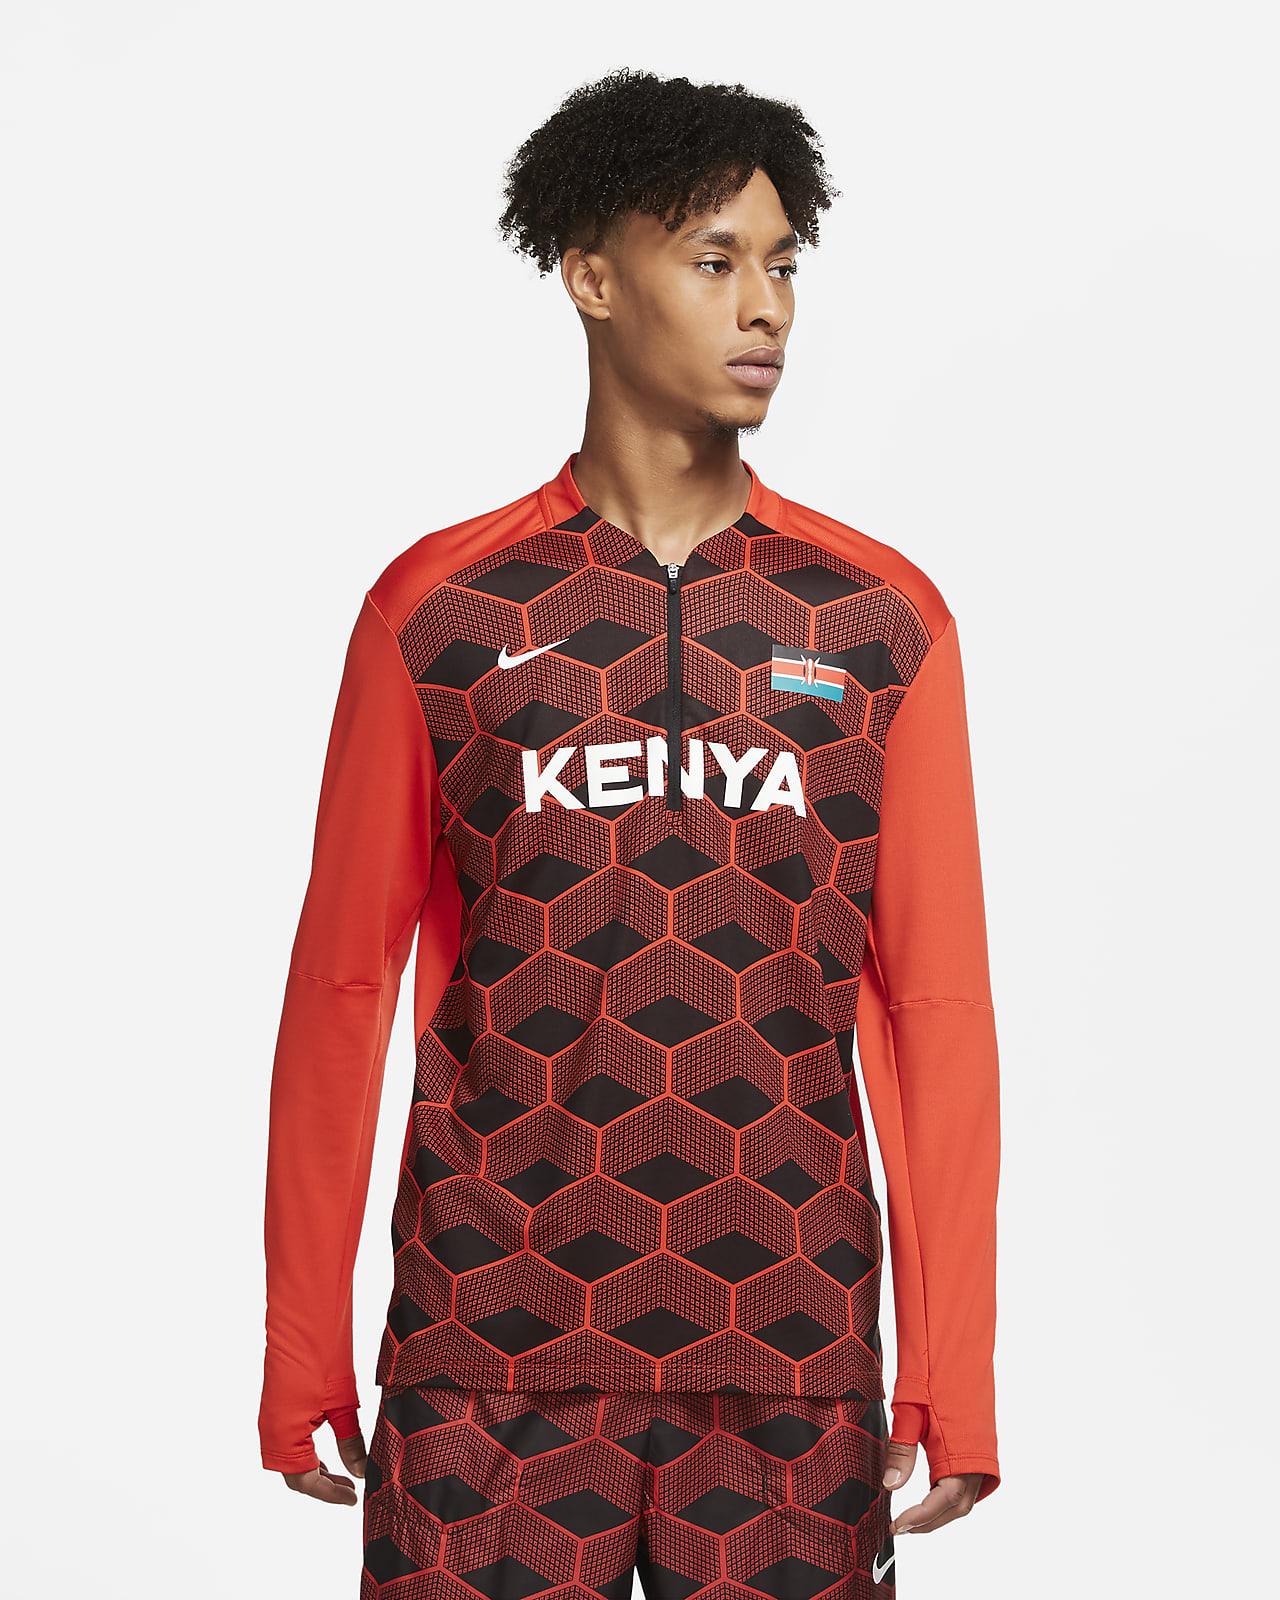 Löpartröja Nike Dri-FIT Team Kenya med halv dragkedja för män